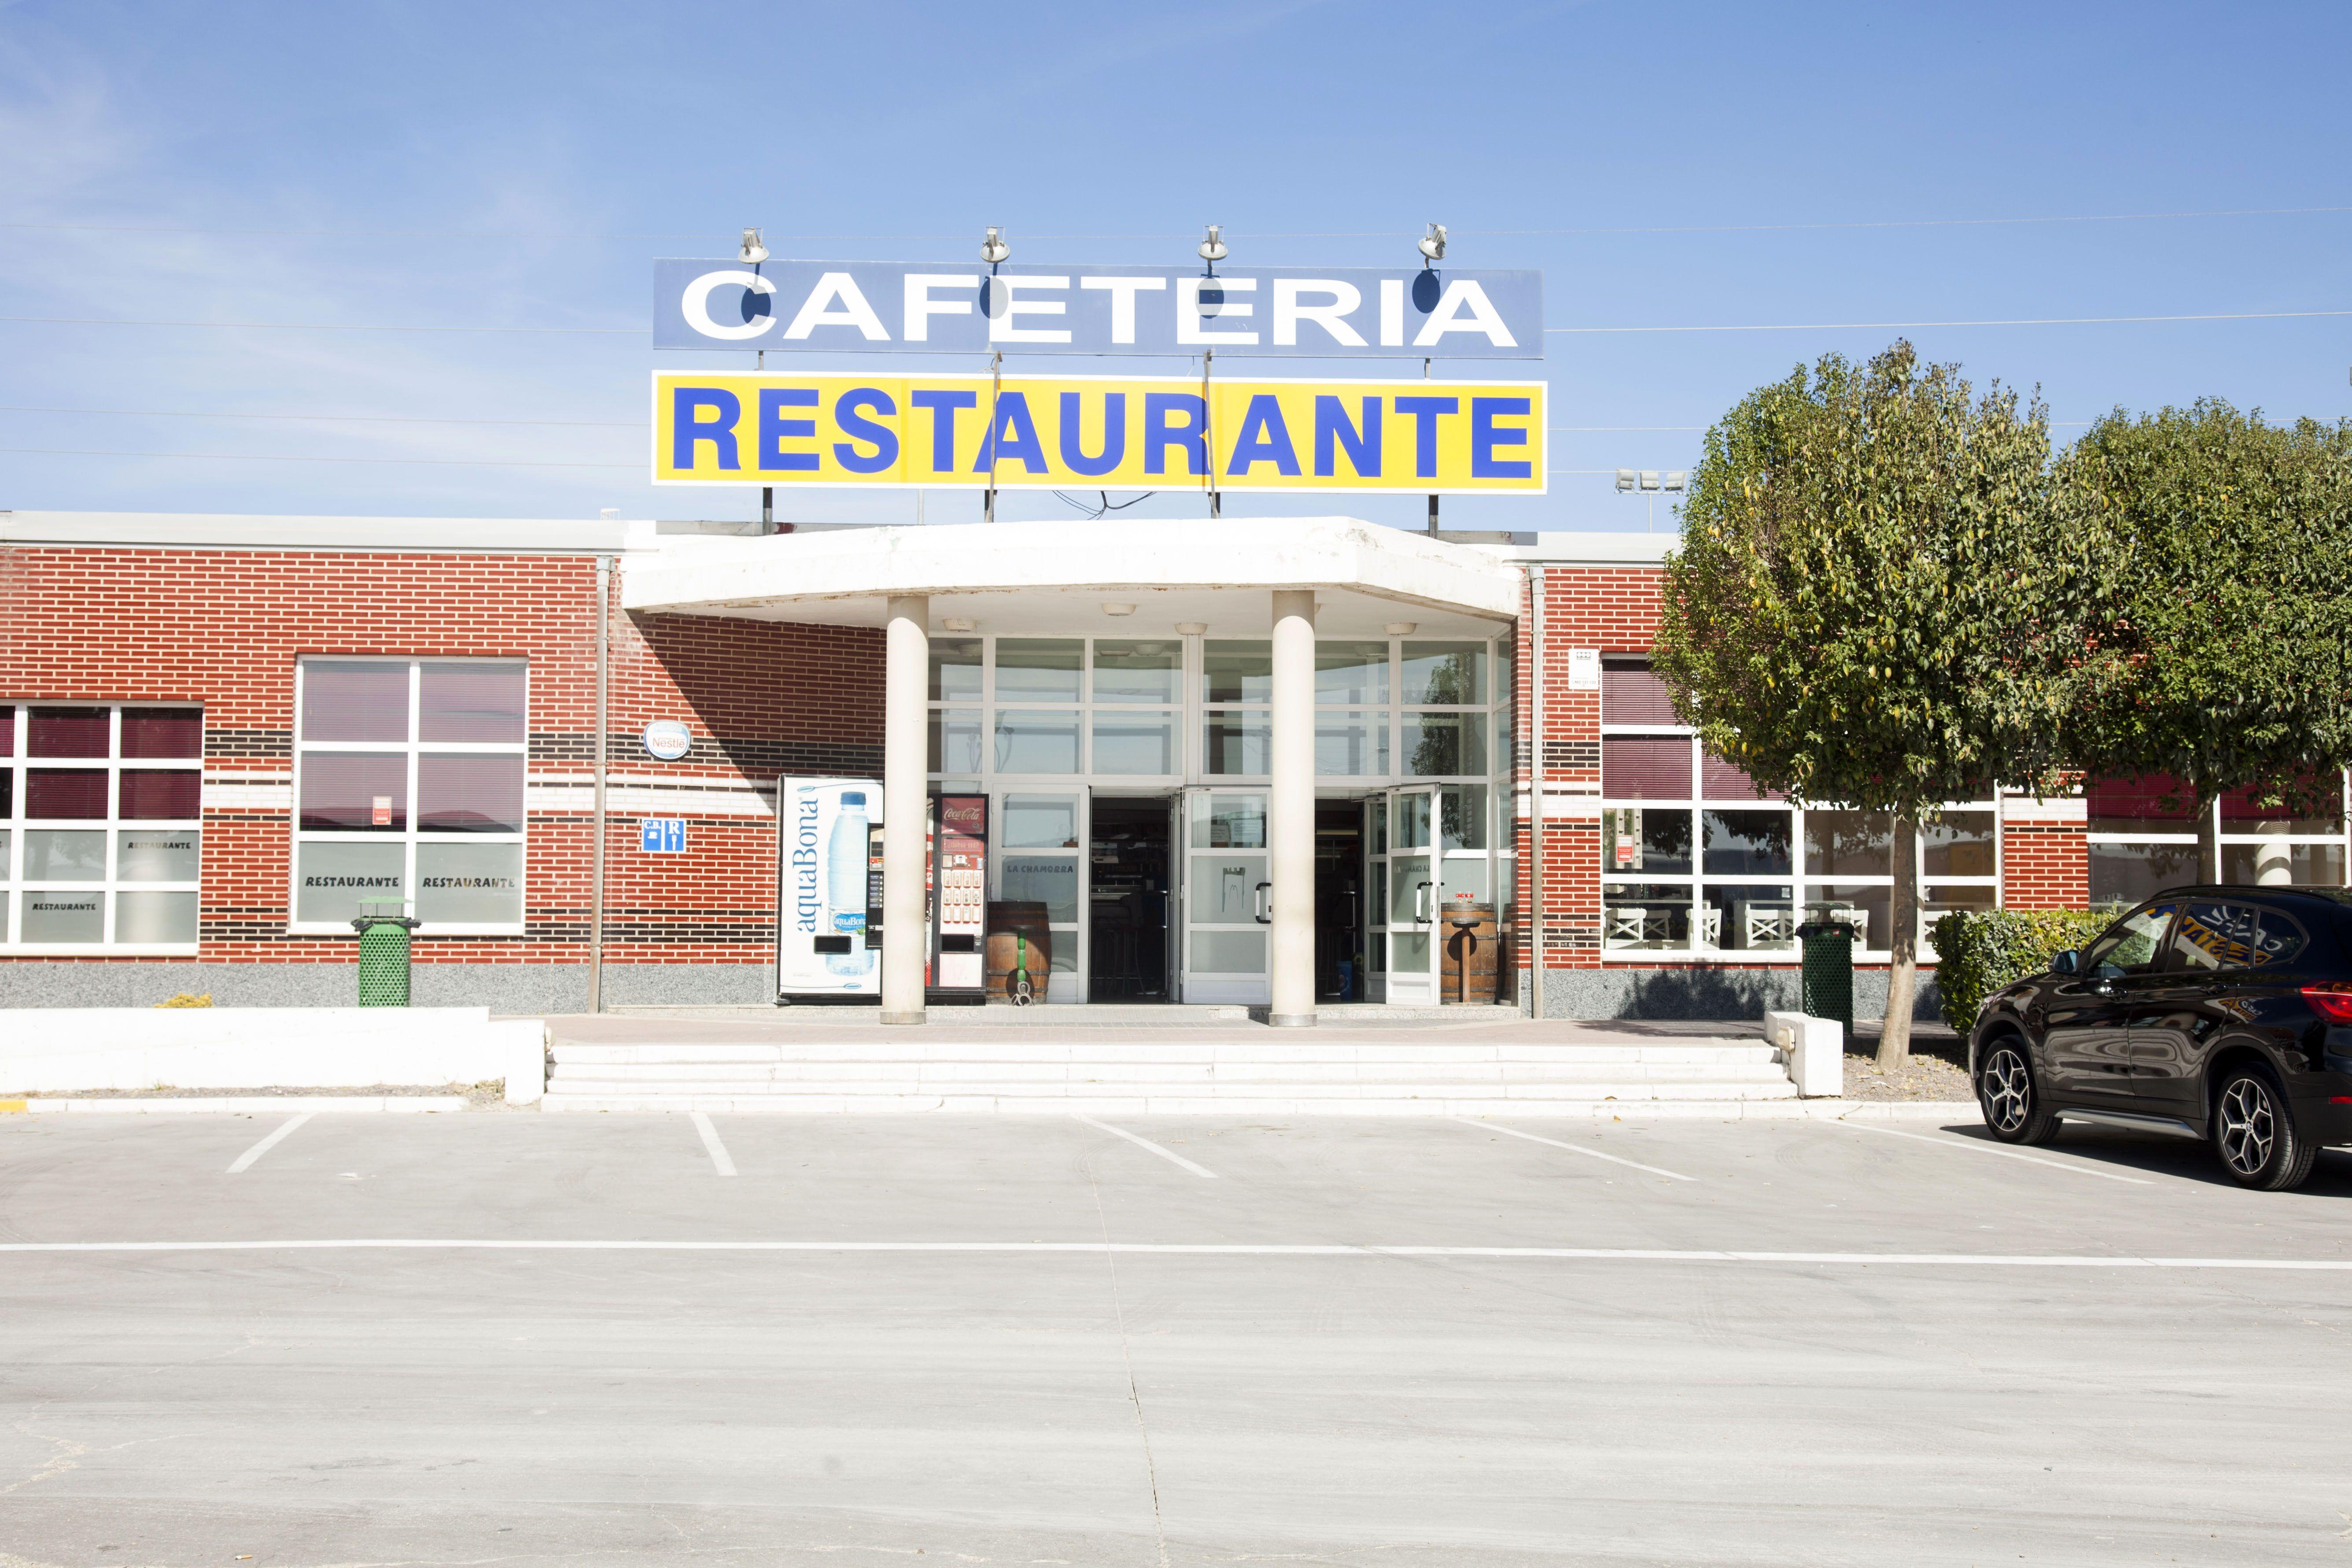 Buen restaurante de carretera entre Palencia y Valladolid